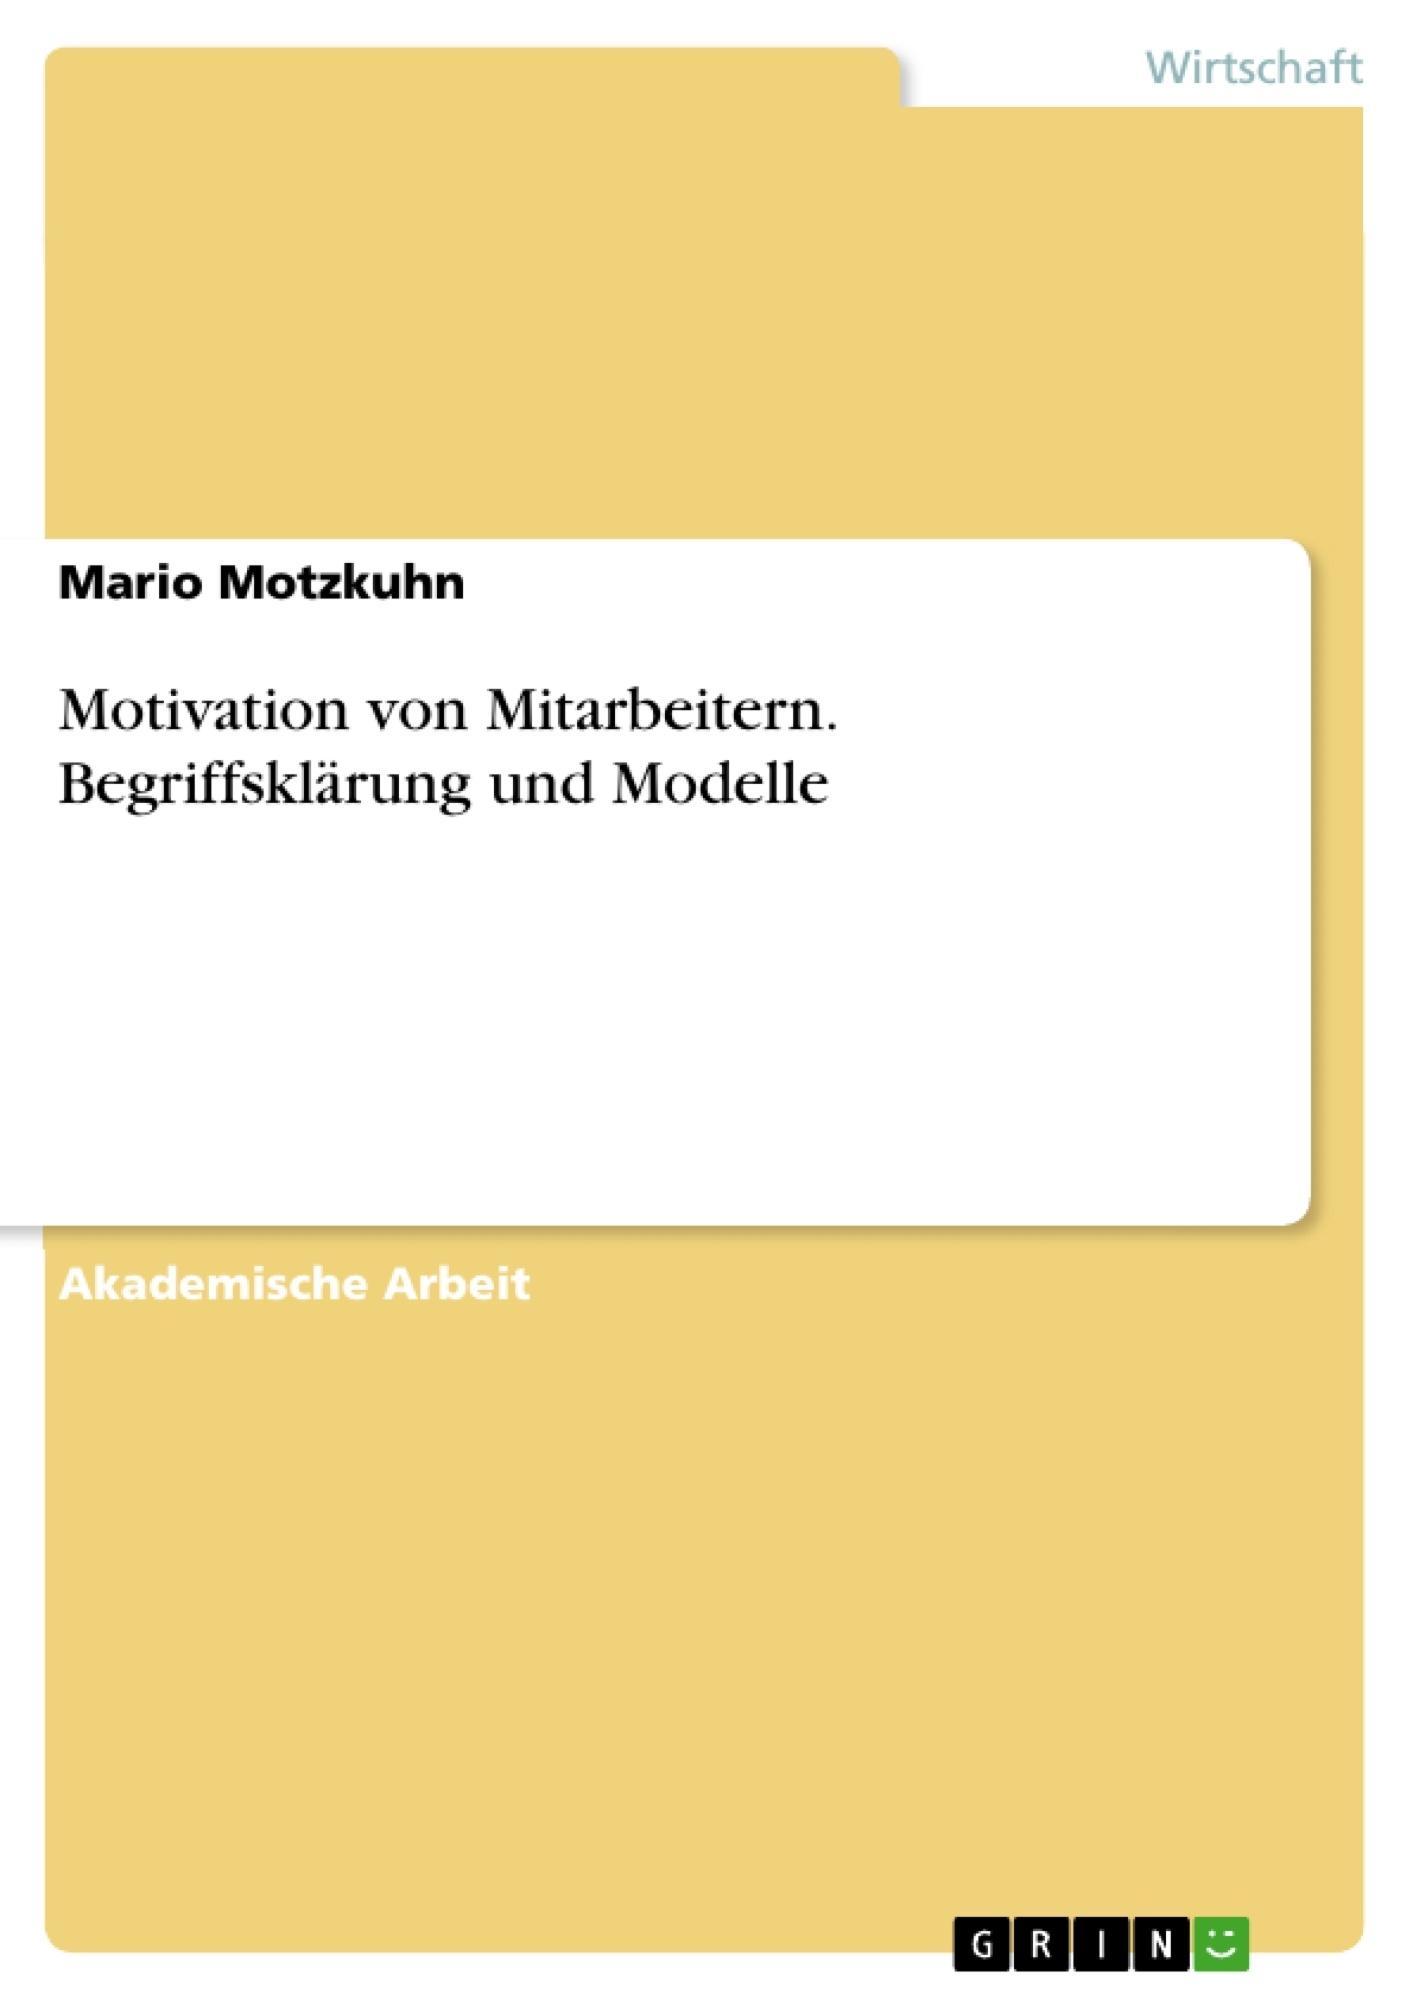 Titel: Motivation von Mitarbeitern. Begriffsklärung und Modelle